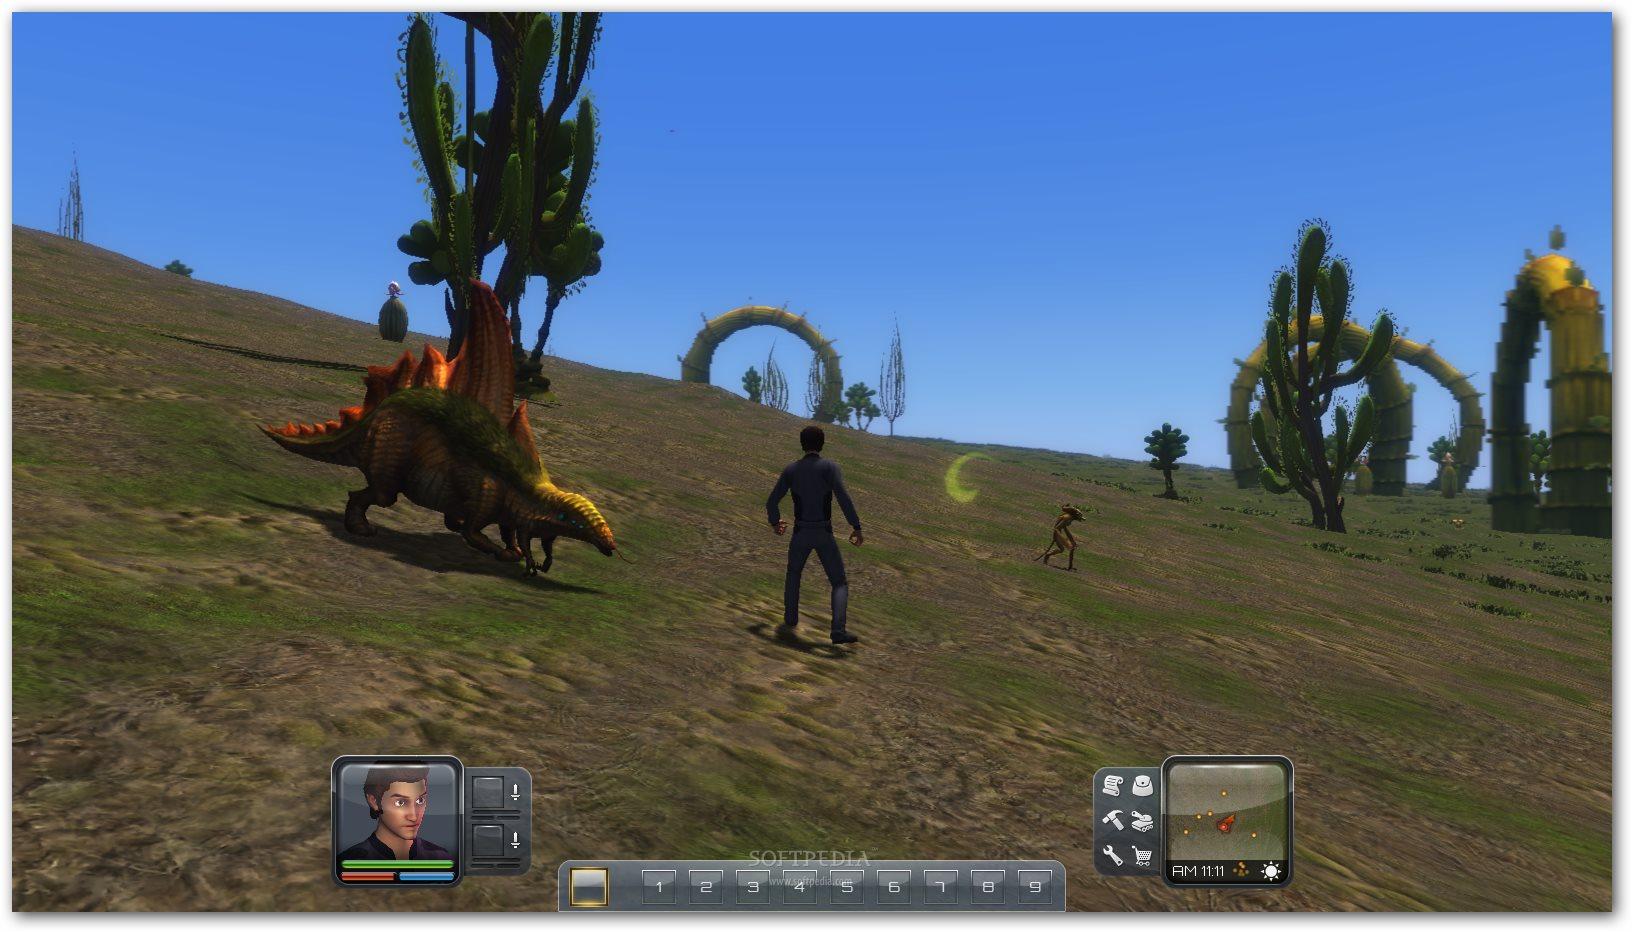 تحميل لعبهPlanet Explorers استكشاف الكوكب